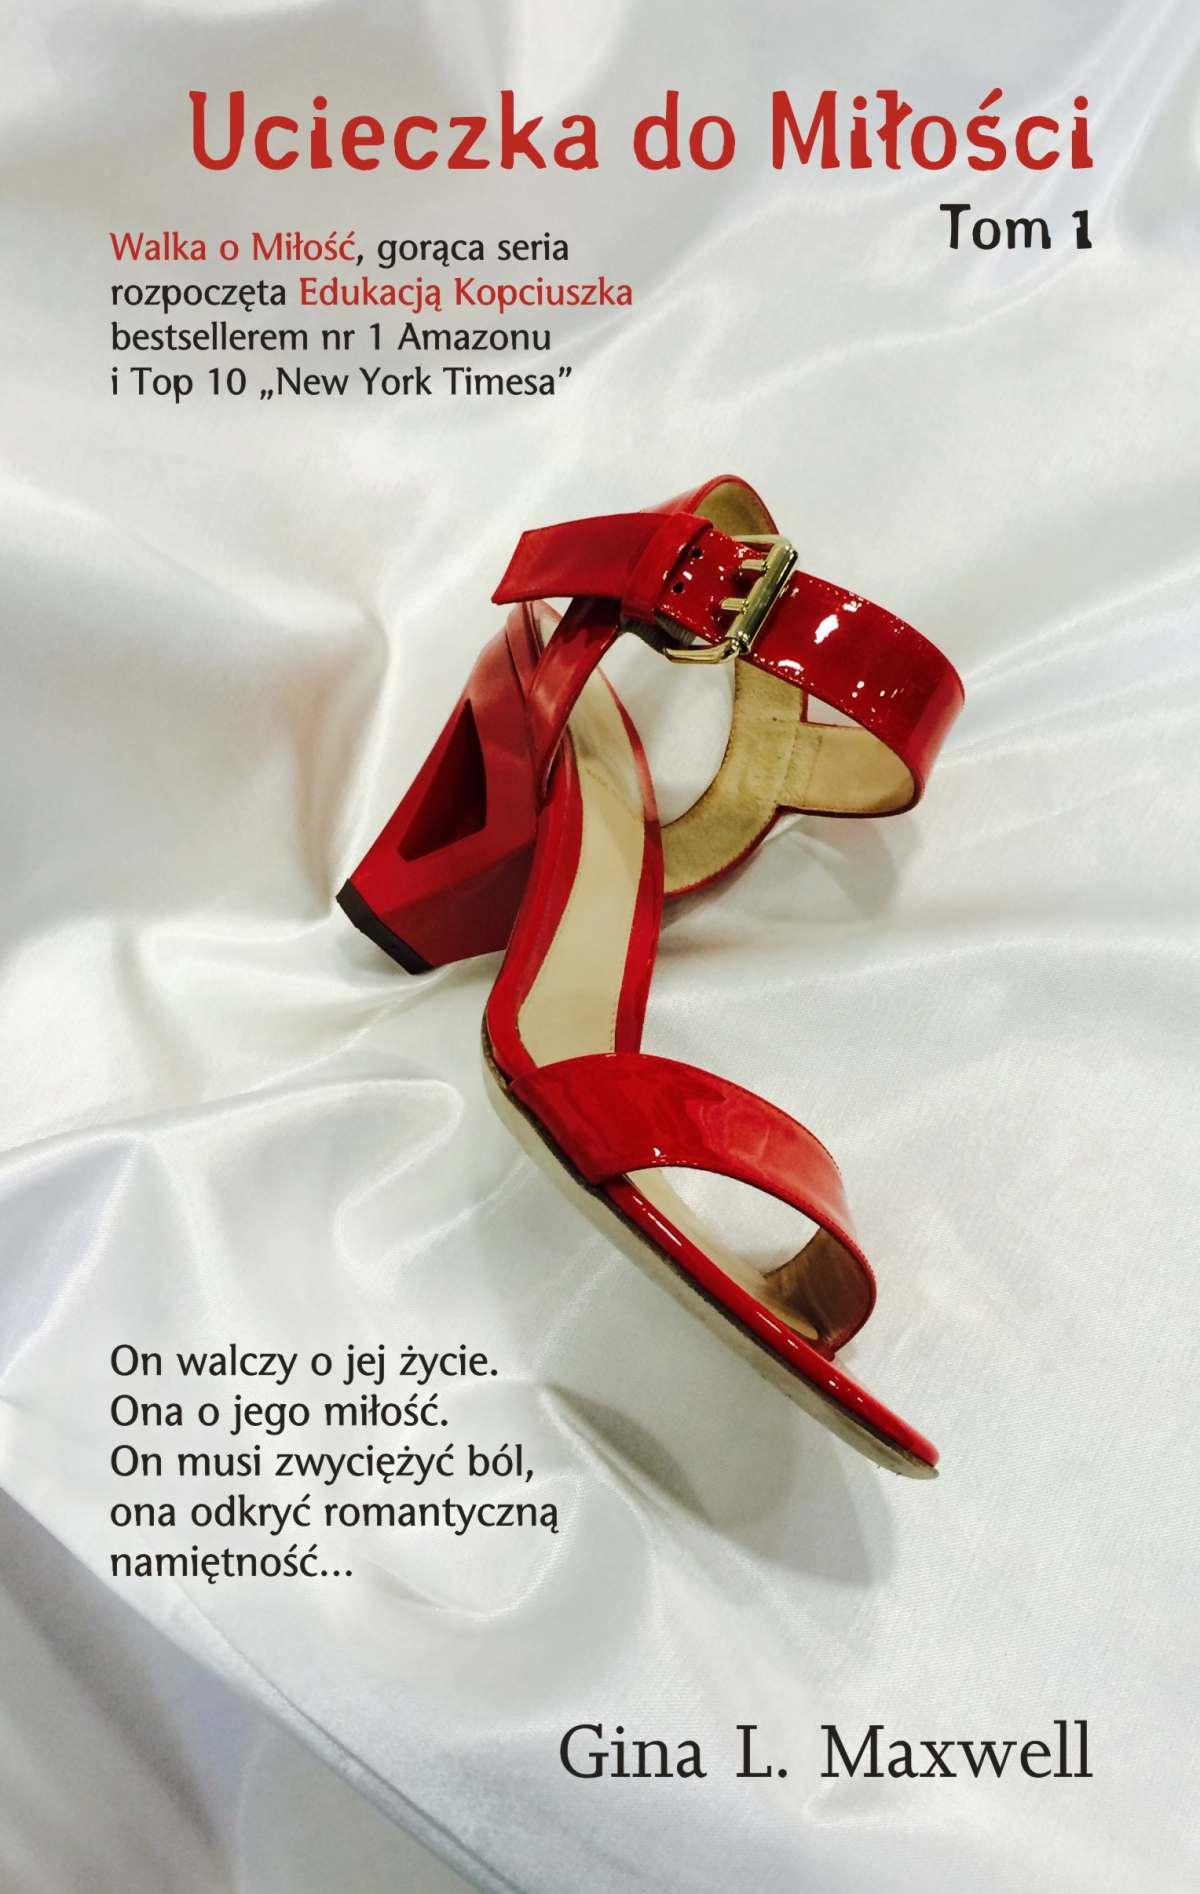 Ucieczka do miłości. Tom 1 - Ebook (Książka EPUB) do pobrania w formacie EPUB